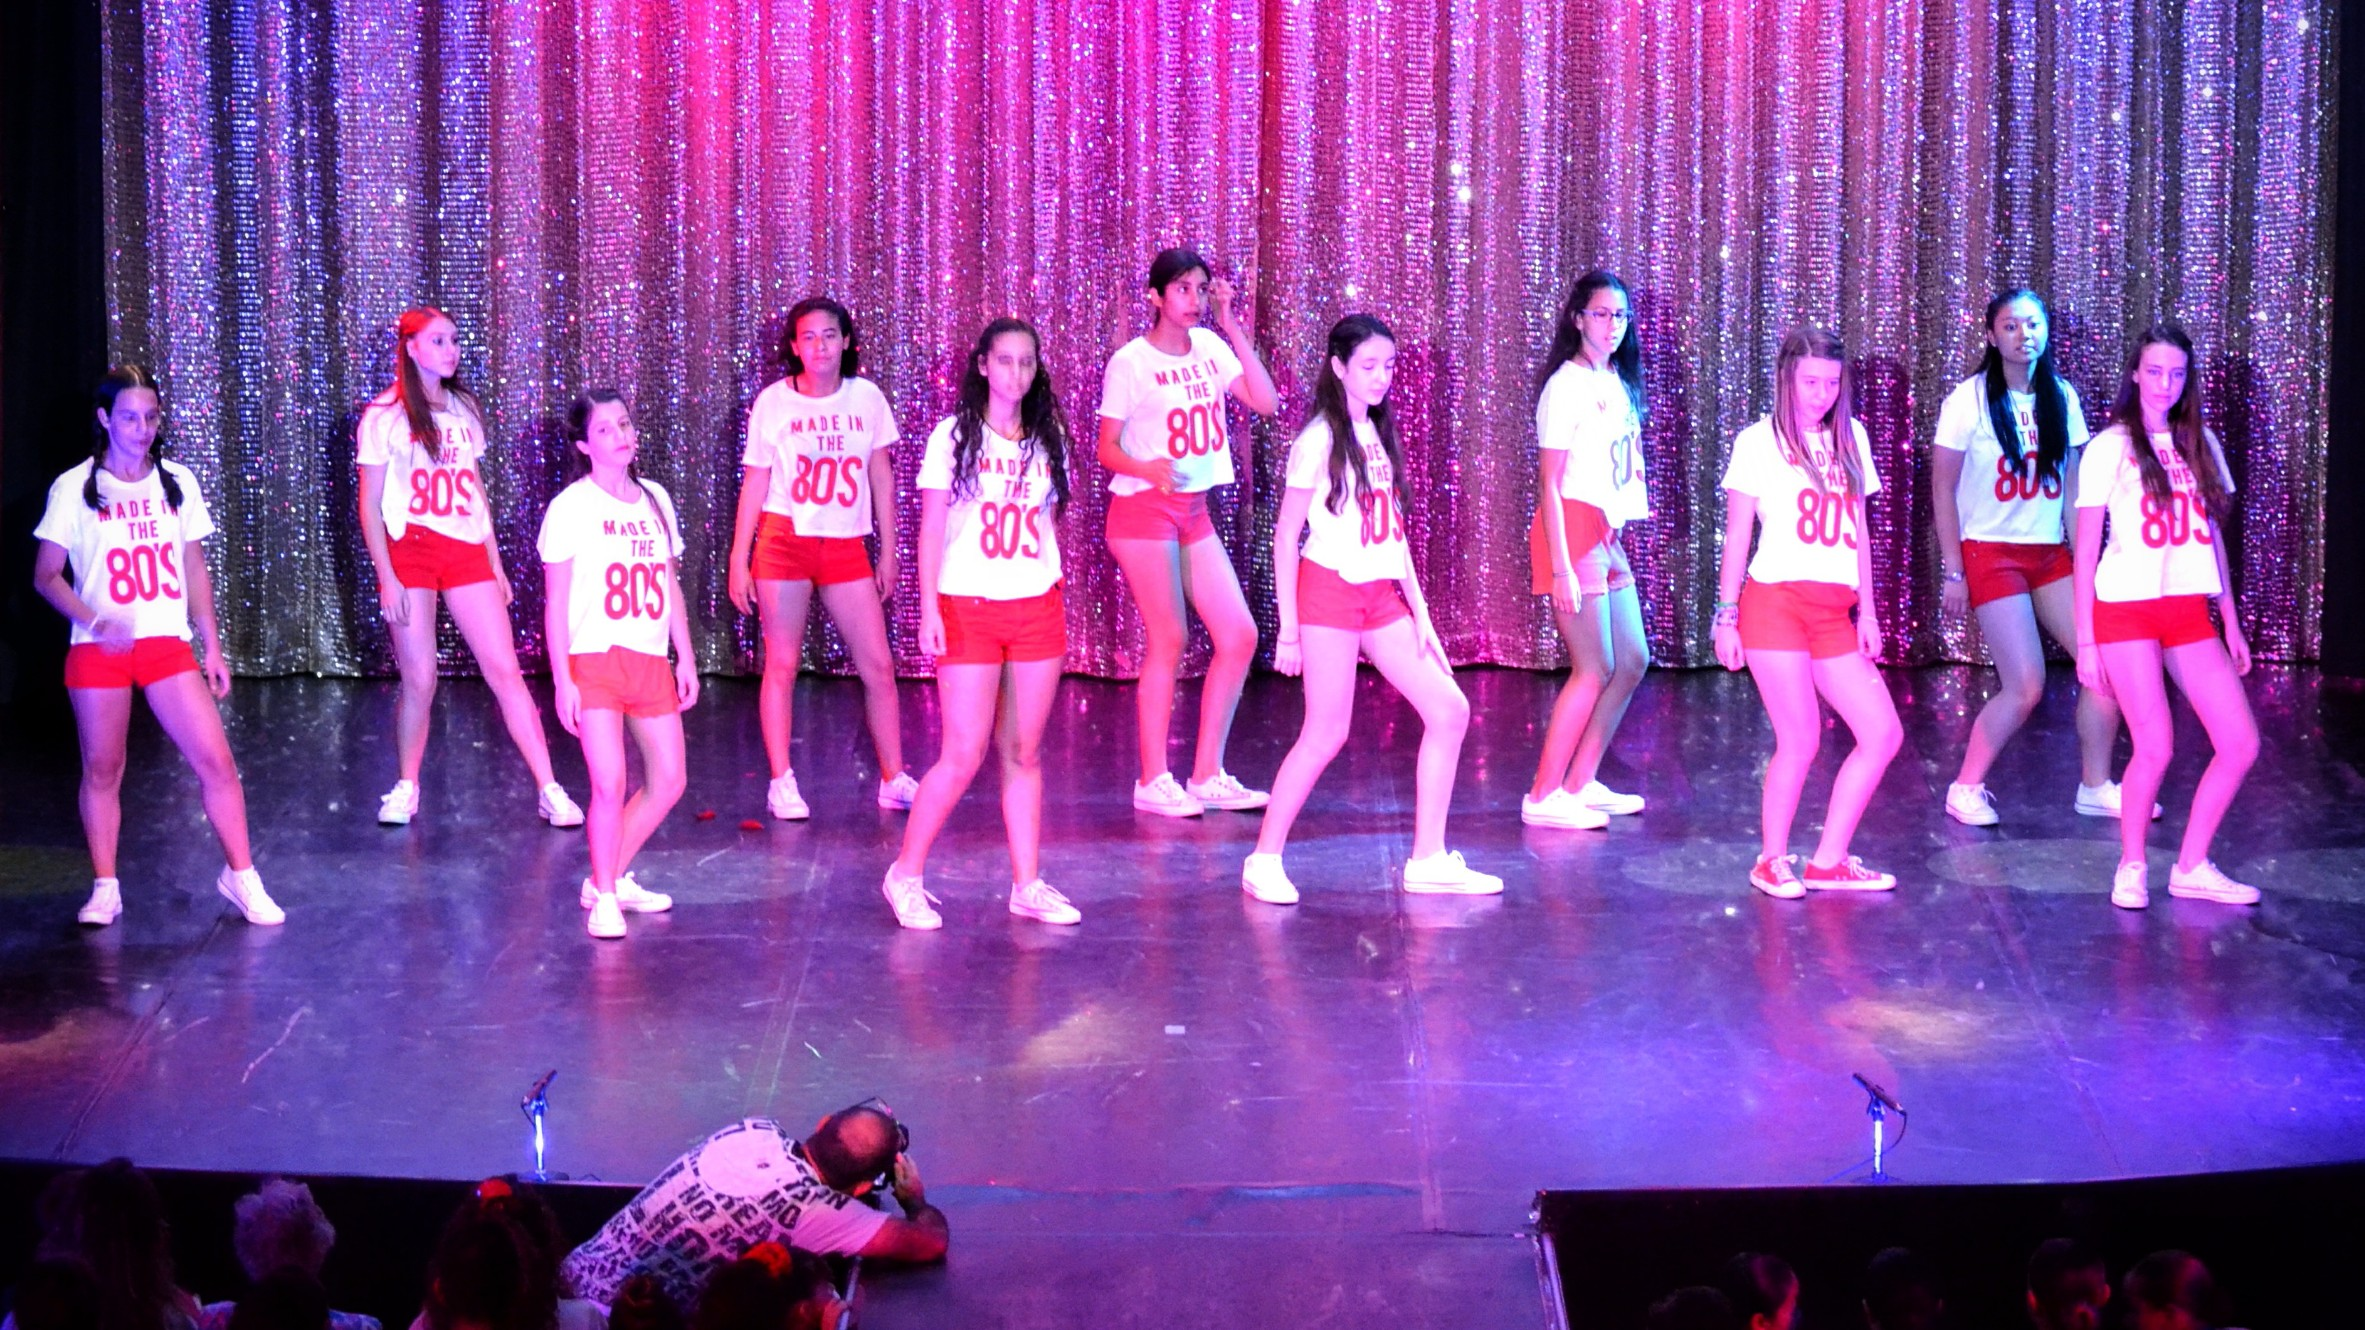 Linea-de-Baile-festival-verano-2015-clases-de-baile-valencia-29